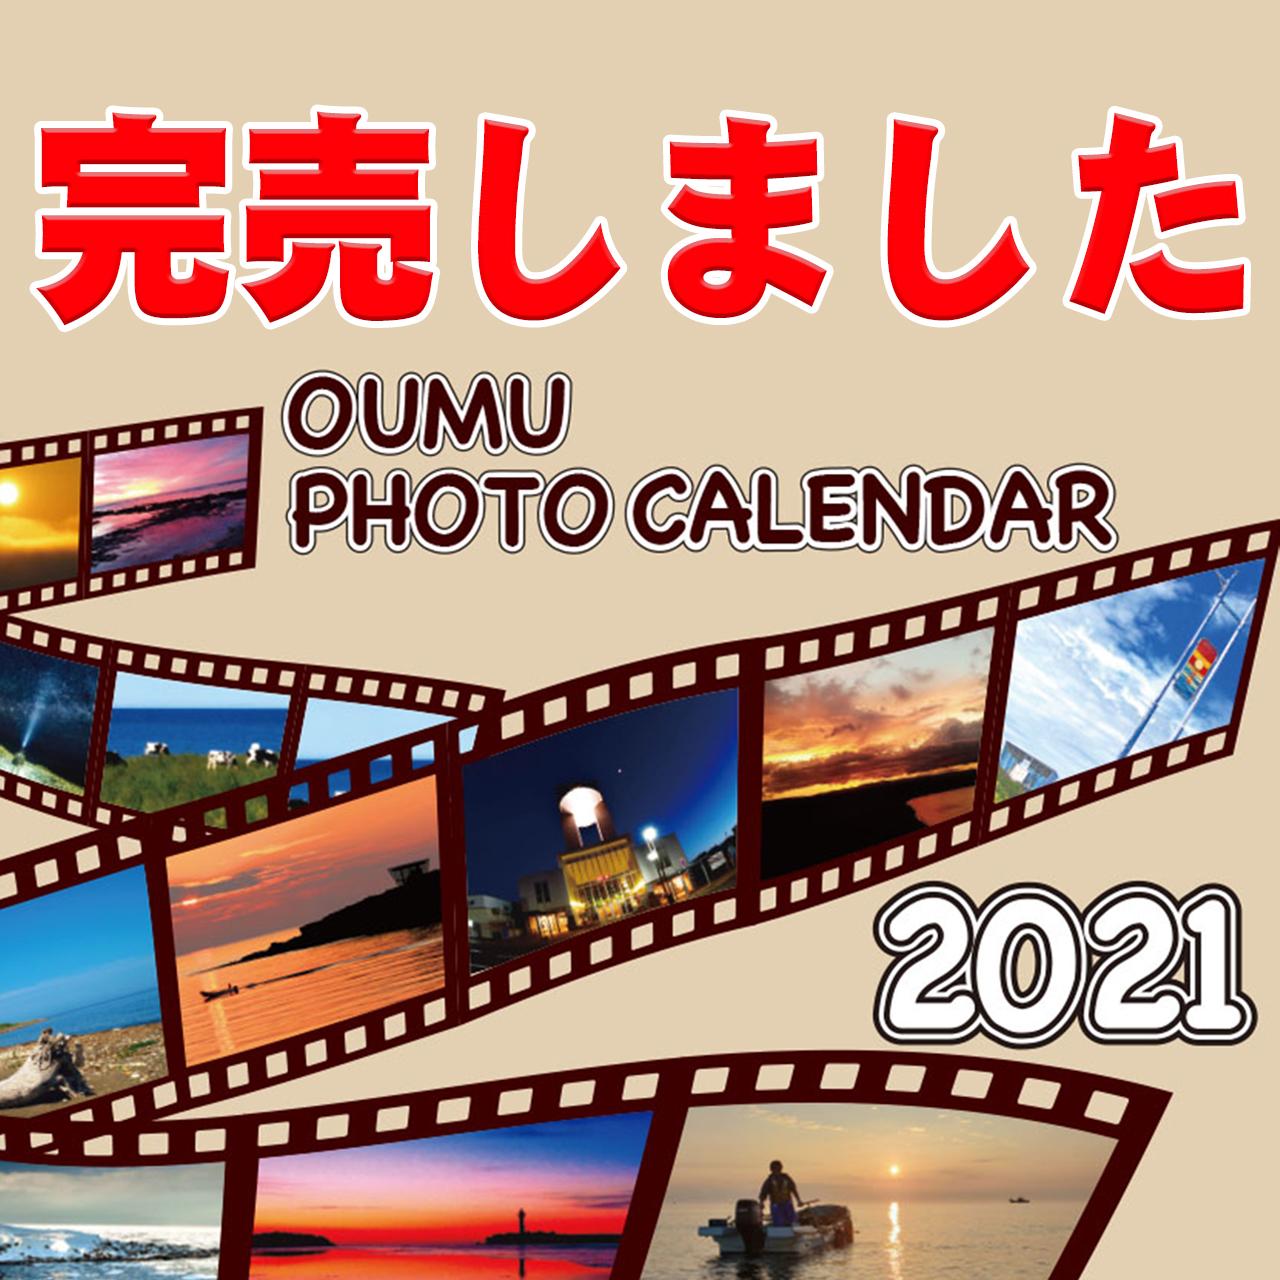 2021雄武町フォトカレンダー完売しました。